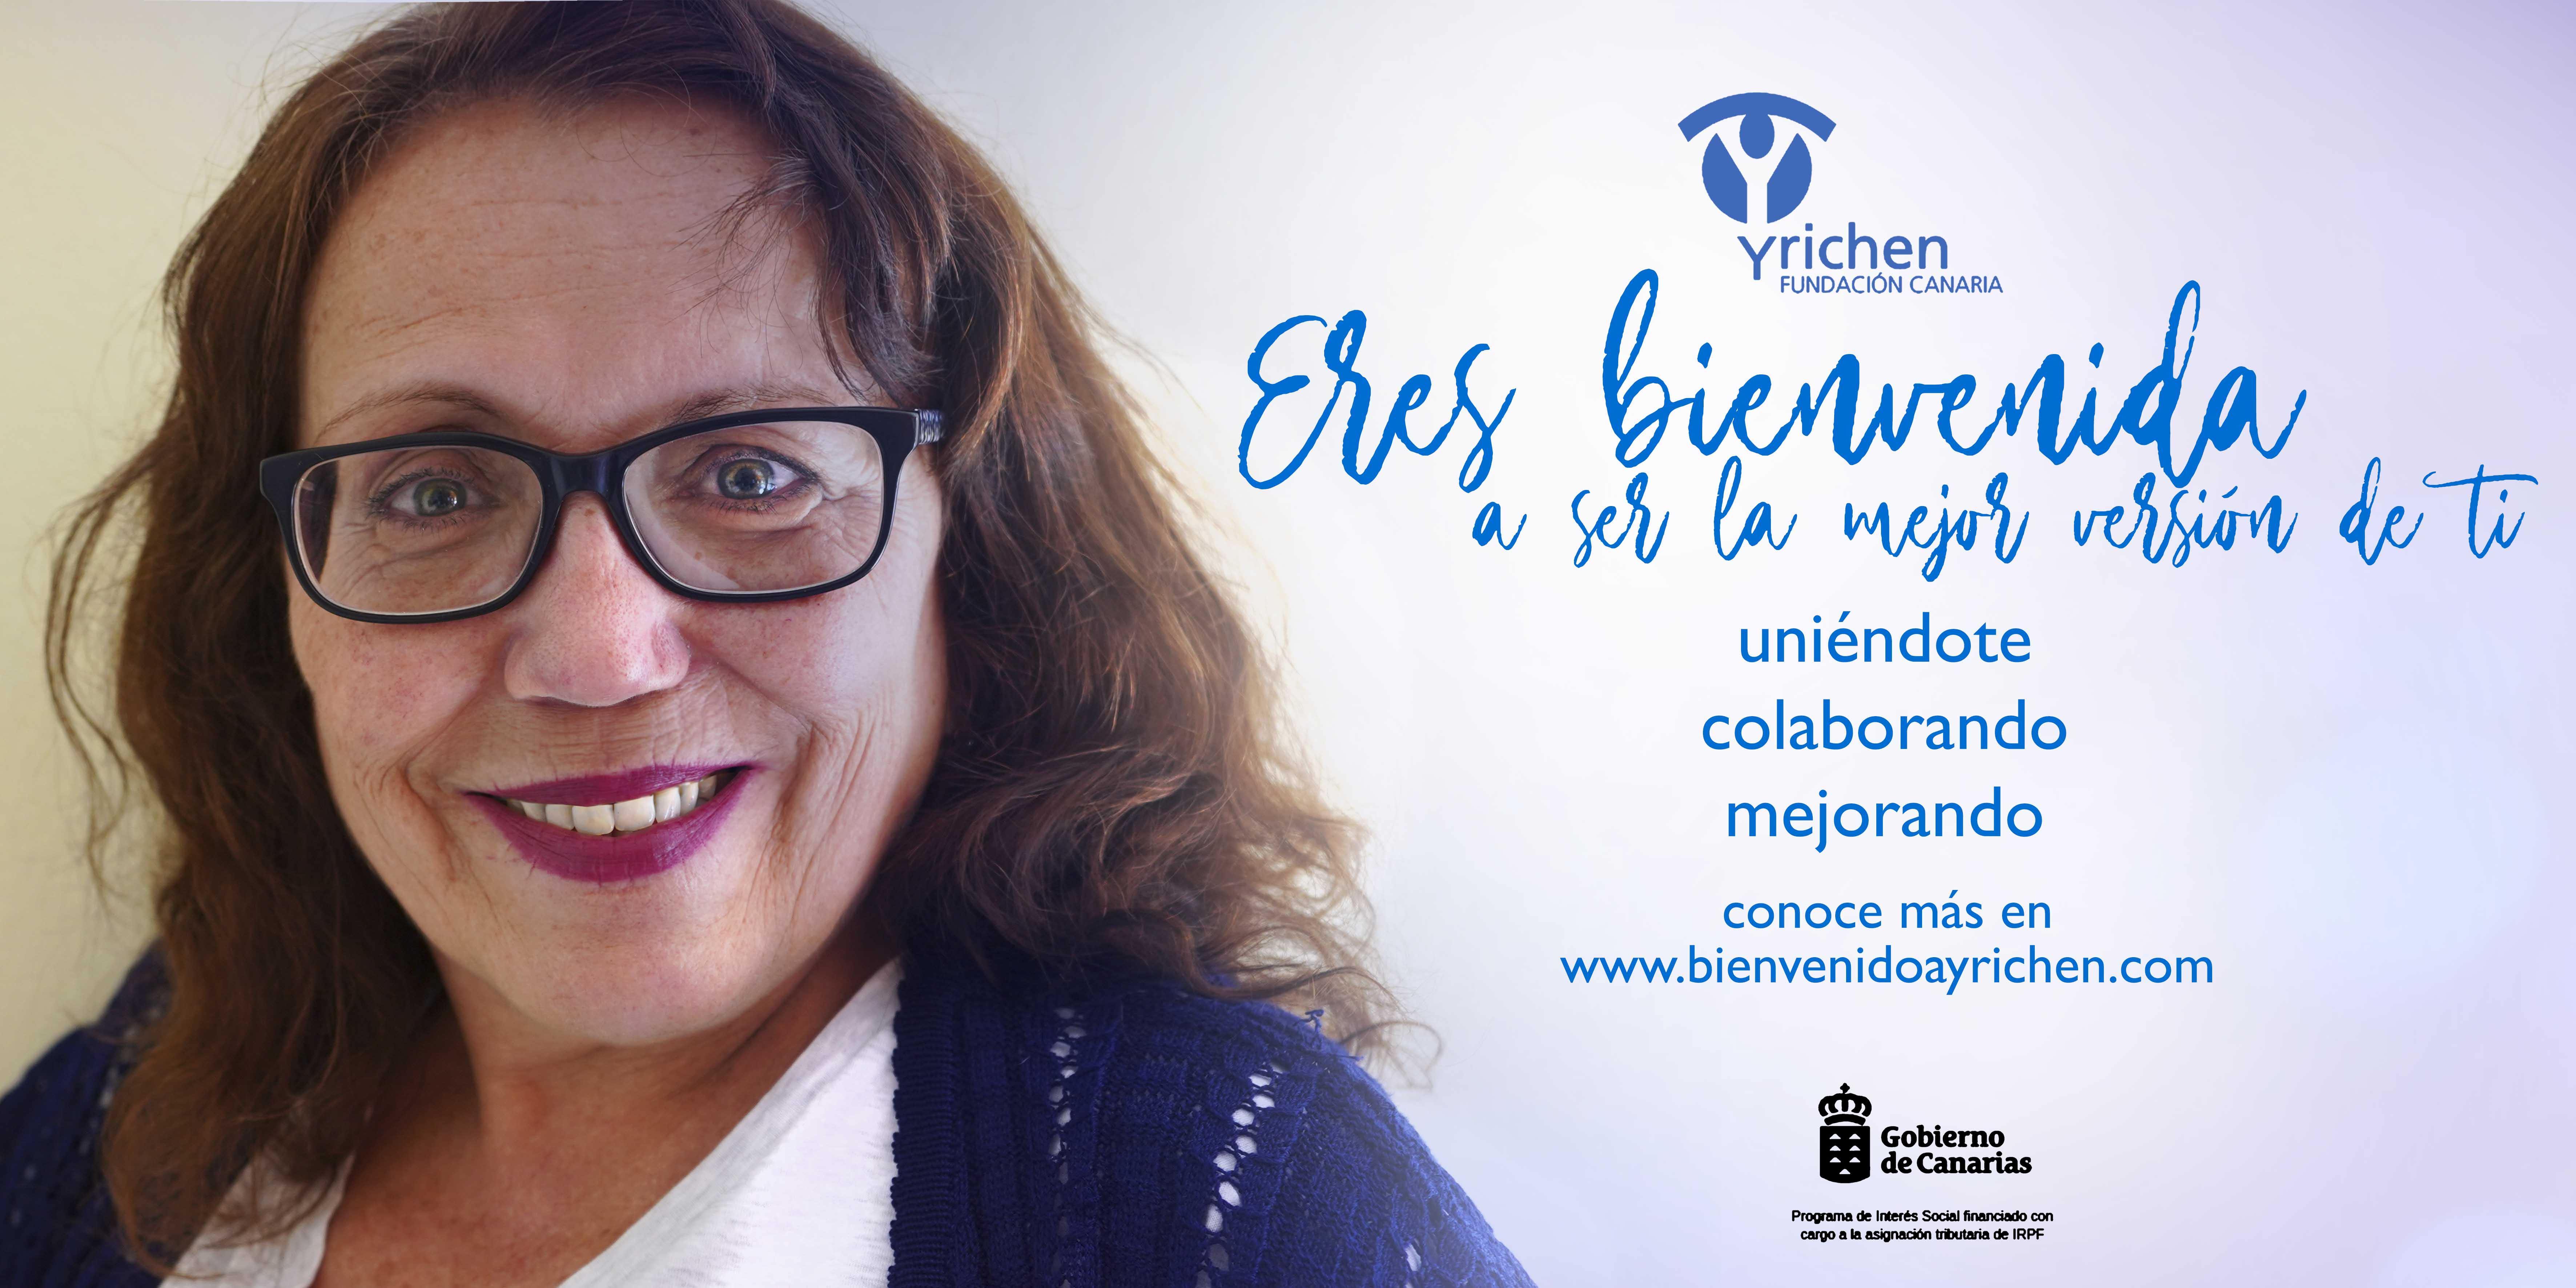 https://www.bienvenidoayrichen.com/